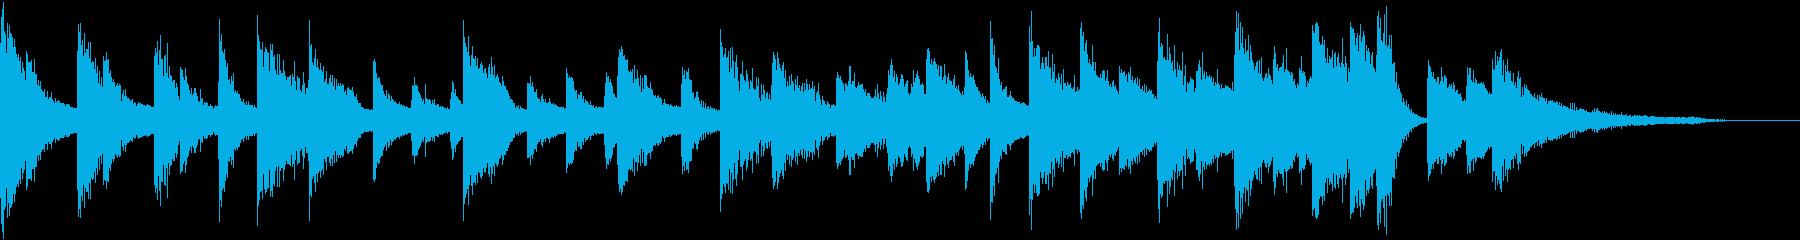 童謡・月モチーフのピアノジングルBの再生済みの波形